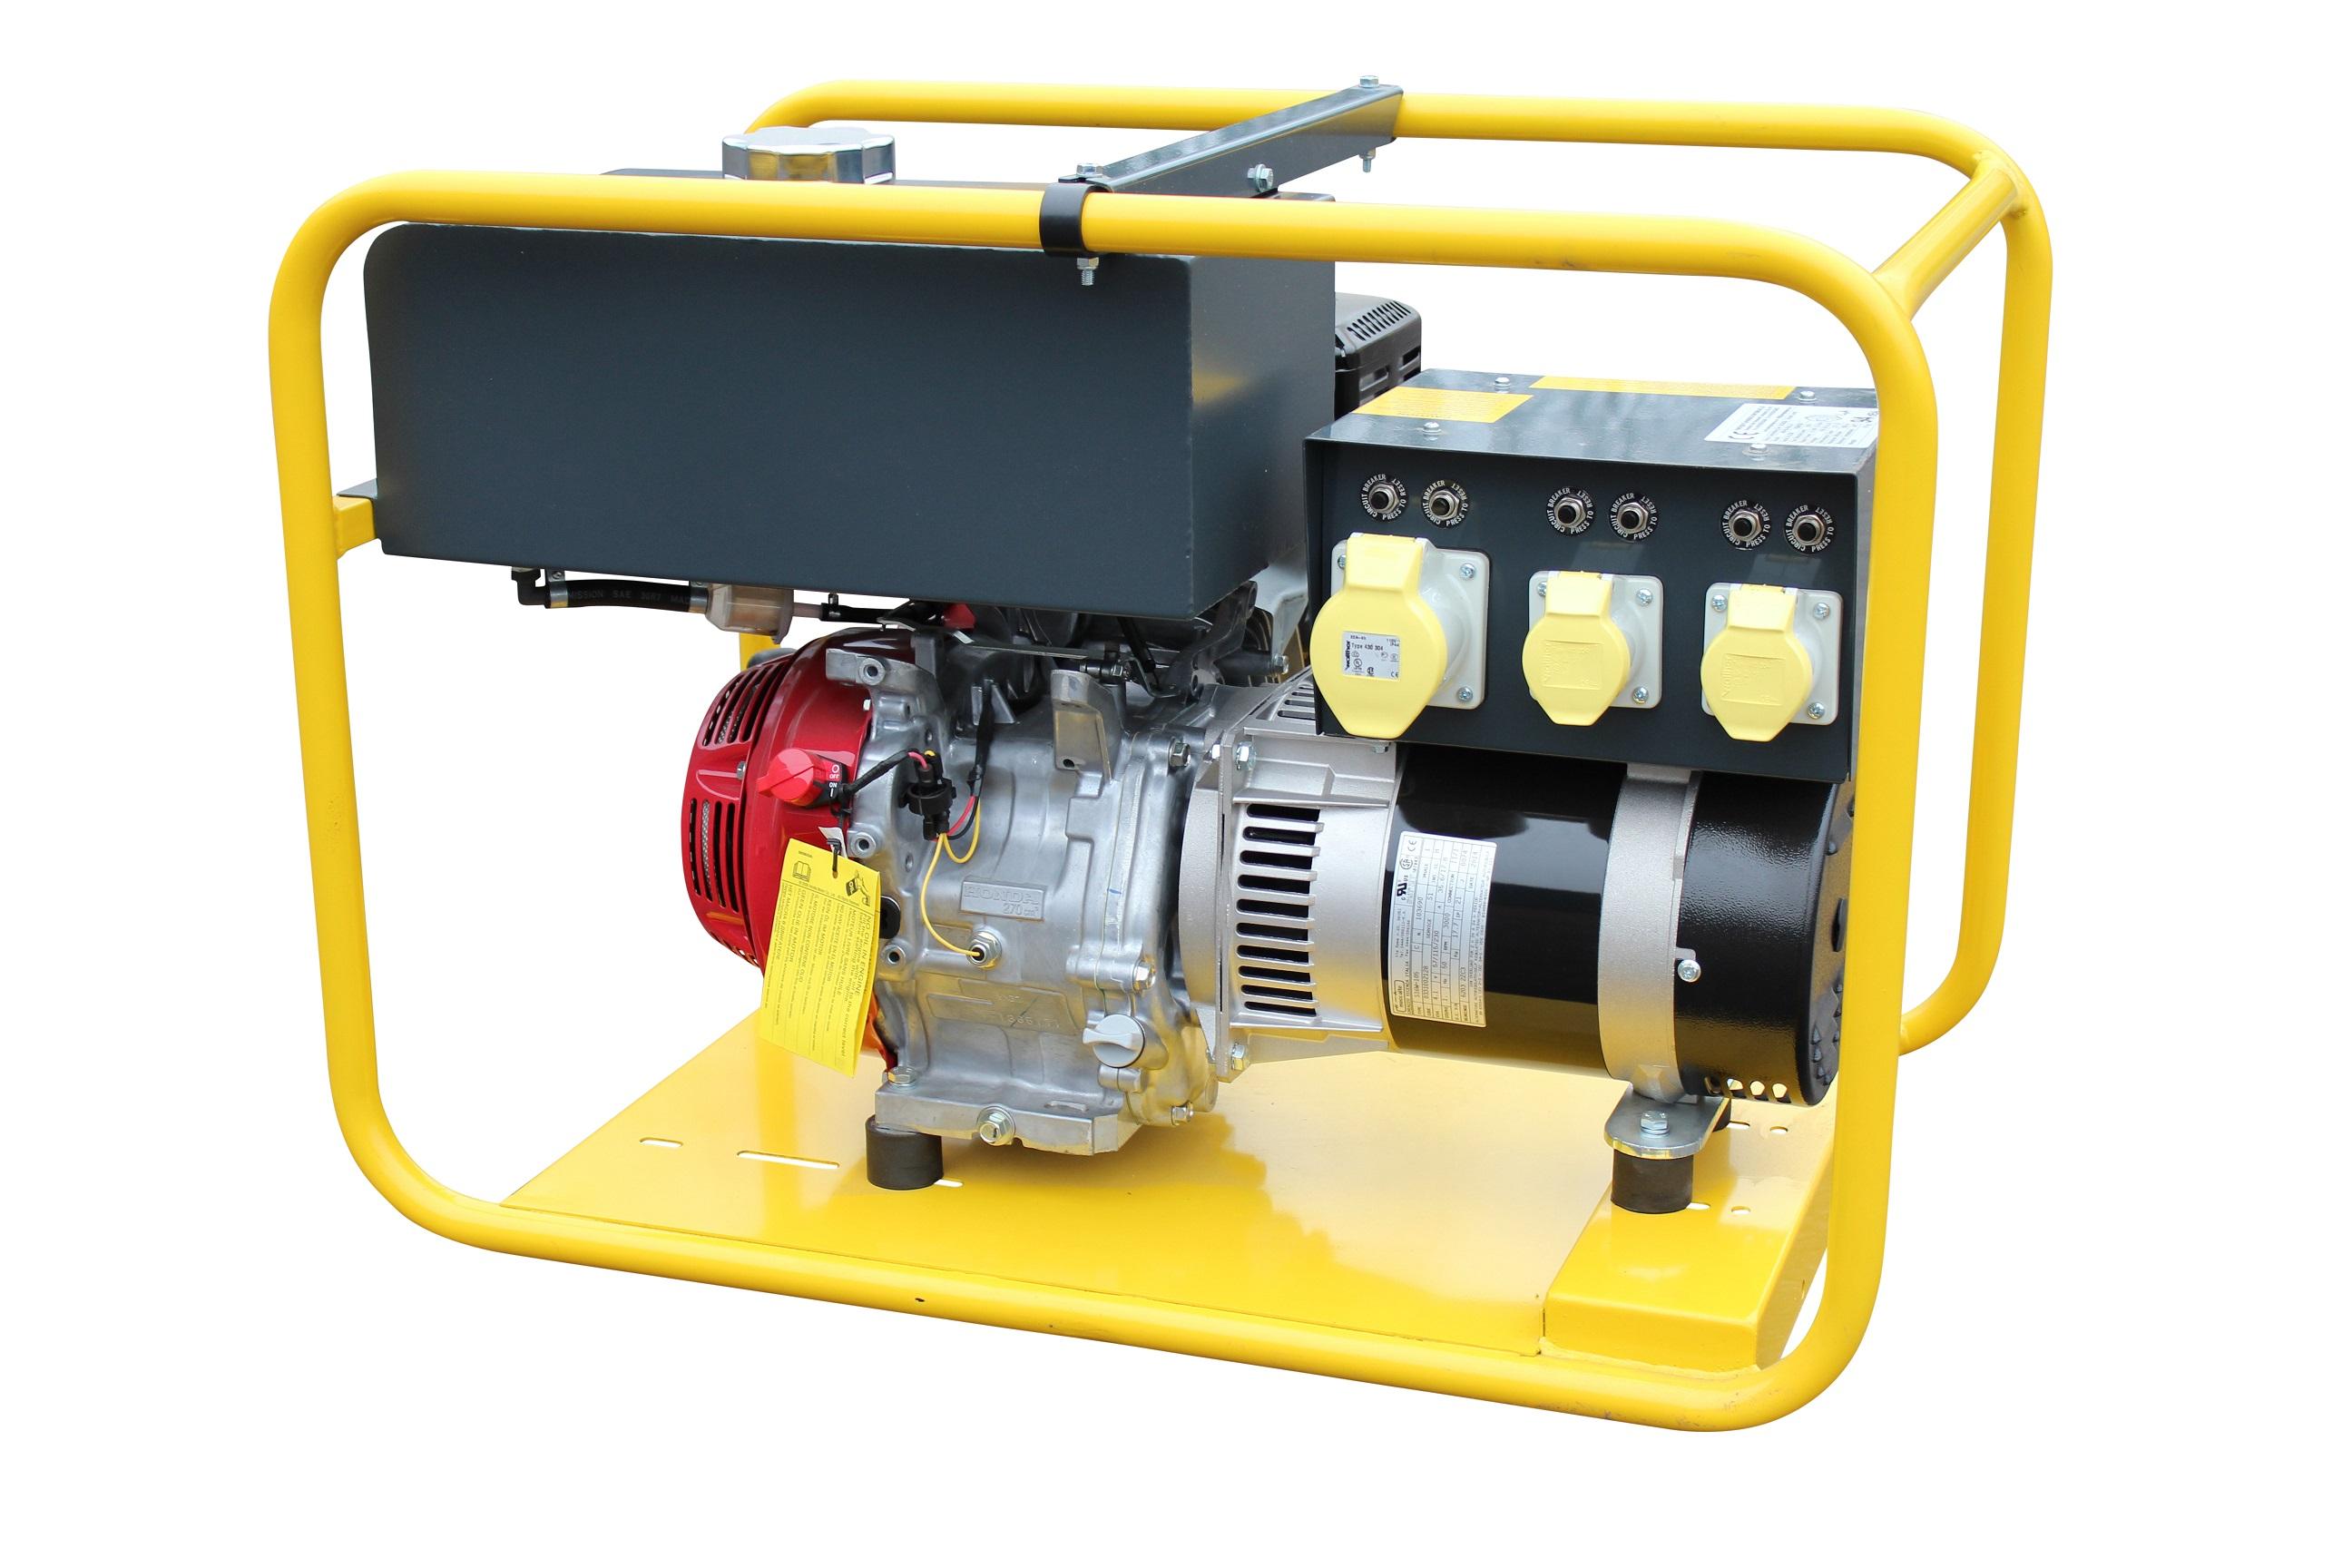 5.0 Kva Generator - Rail